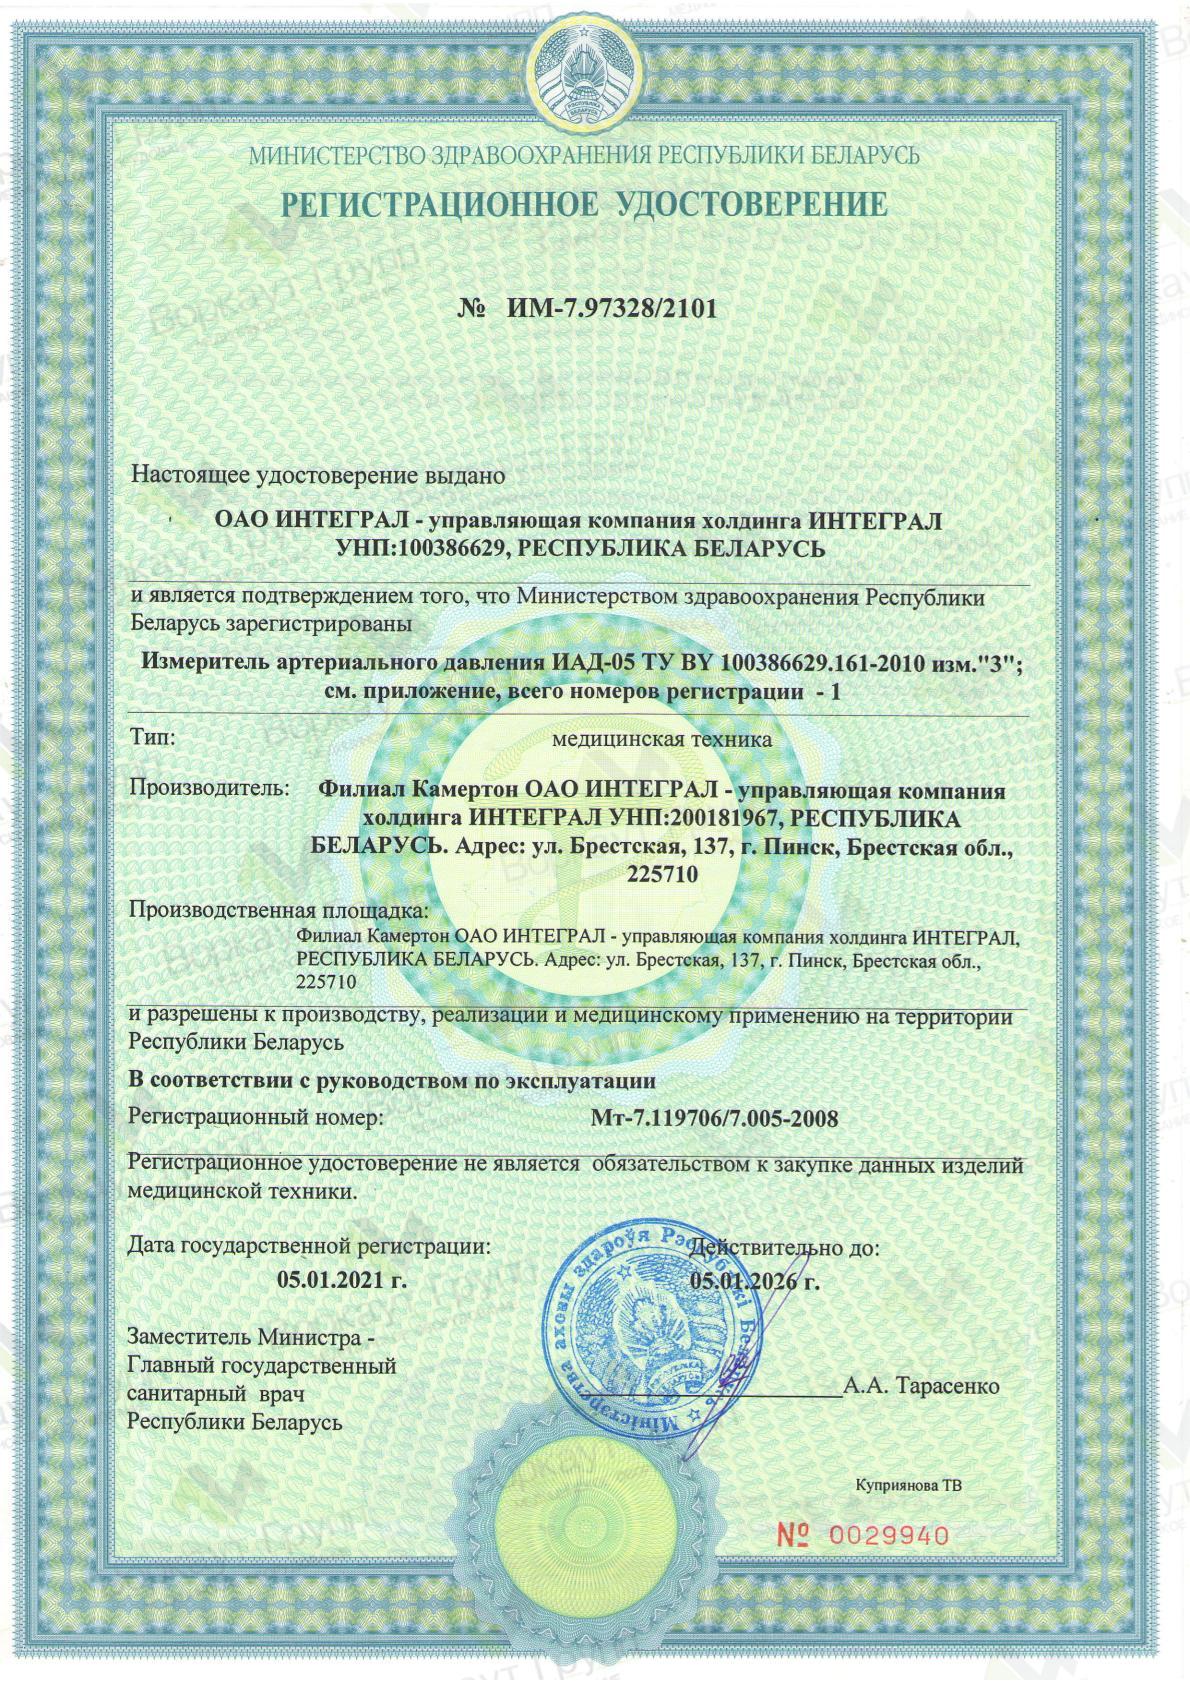 """Регистрационное удостоверение Тонометра артериального давления """"ИАД-05"""" (страница 1)"""